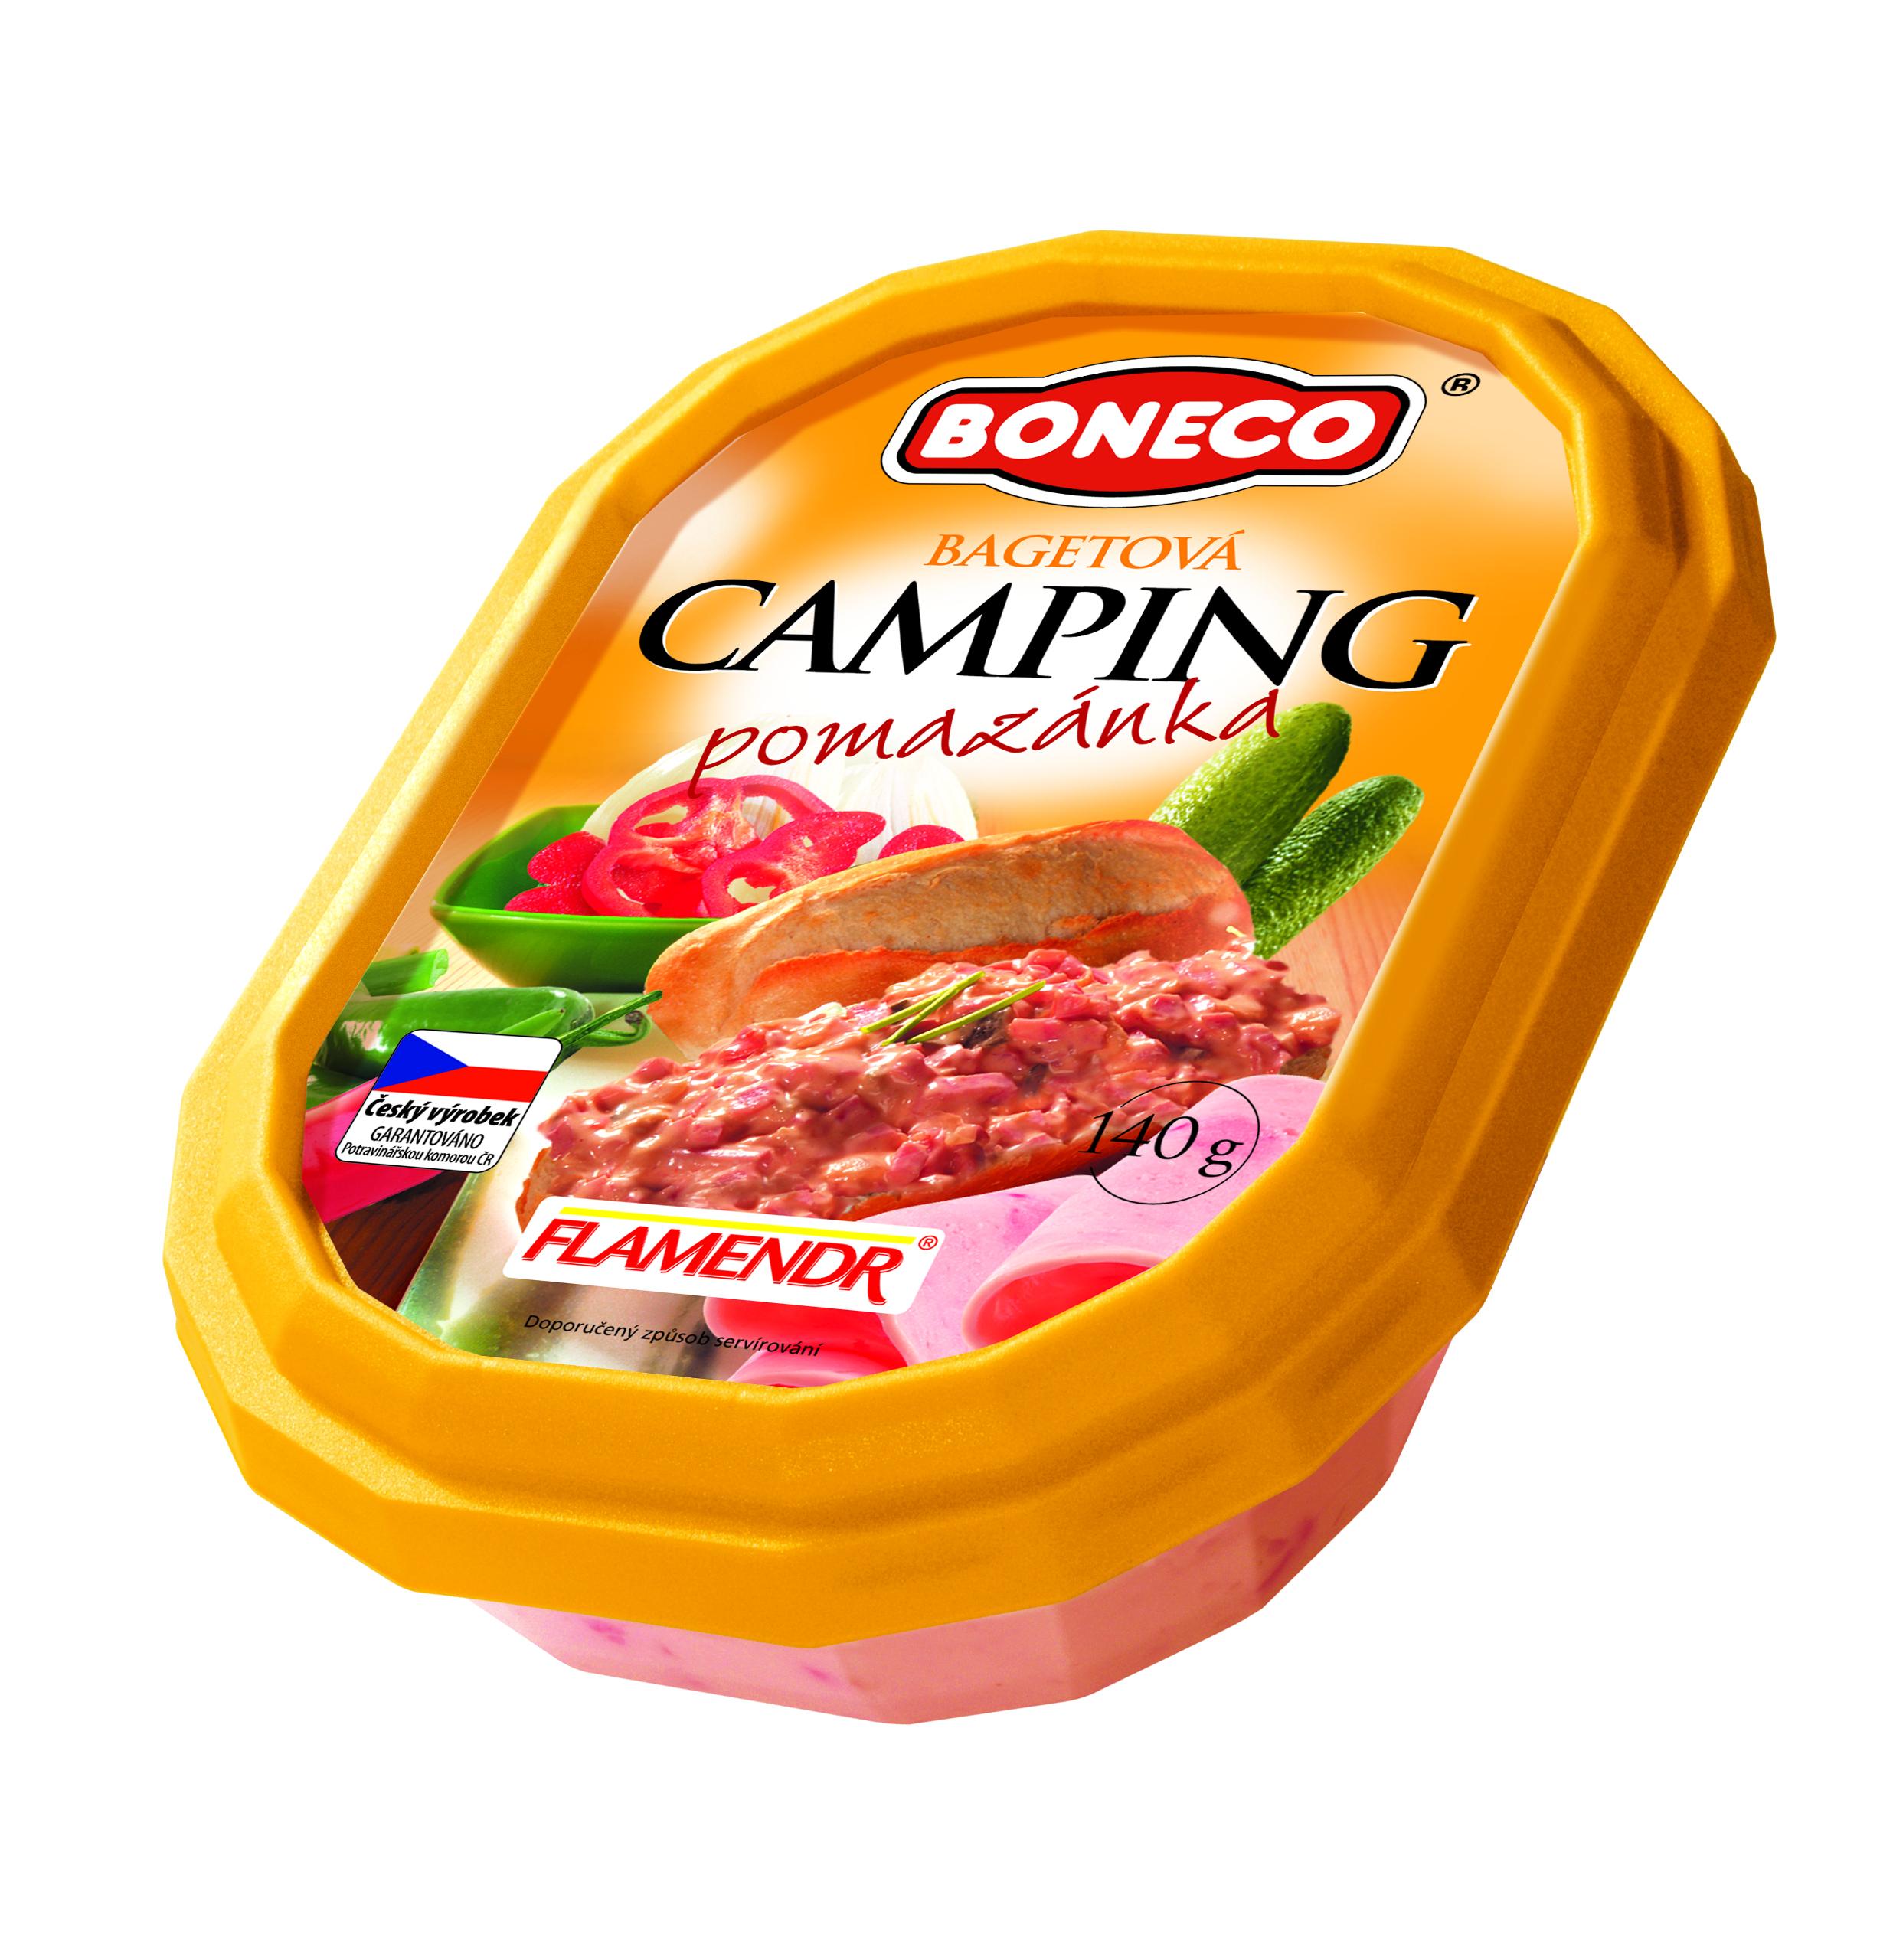 Značka Bagetová pomazánka Camping